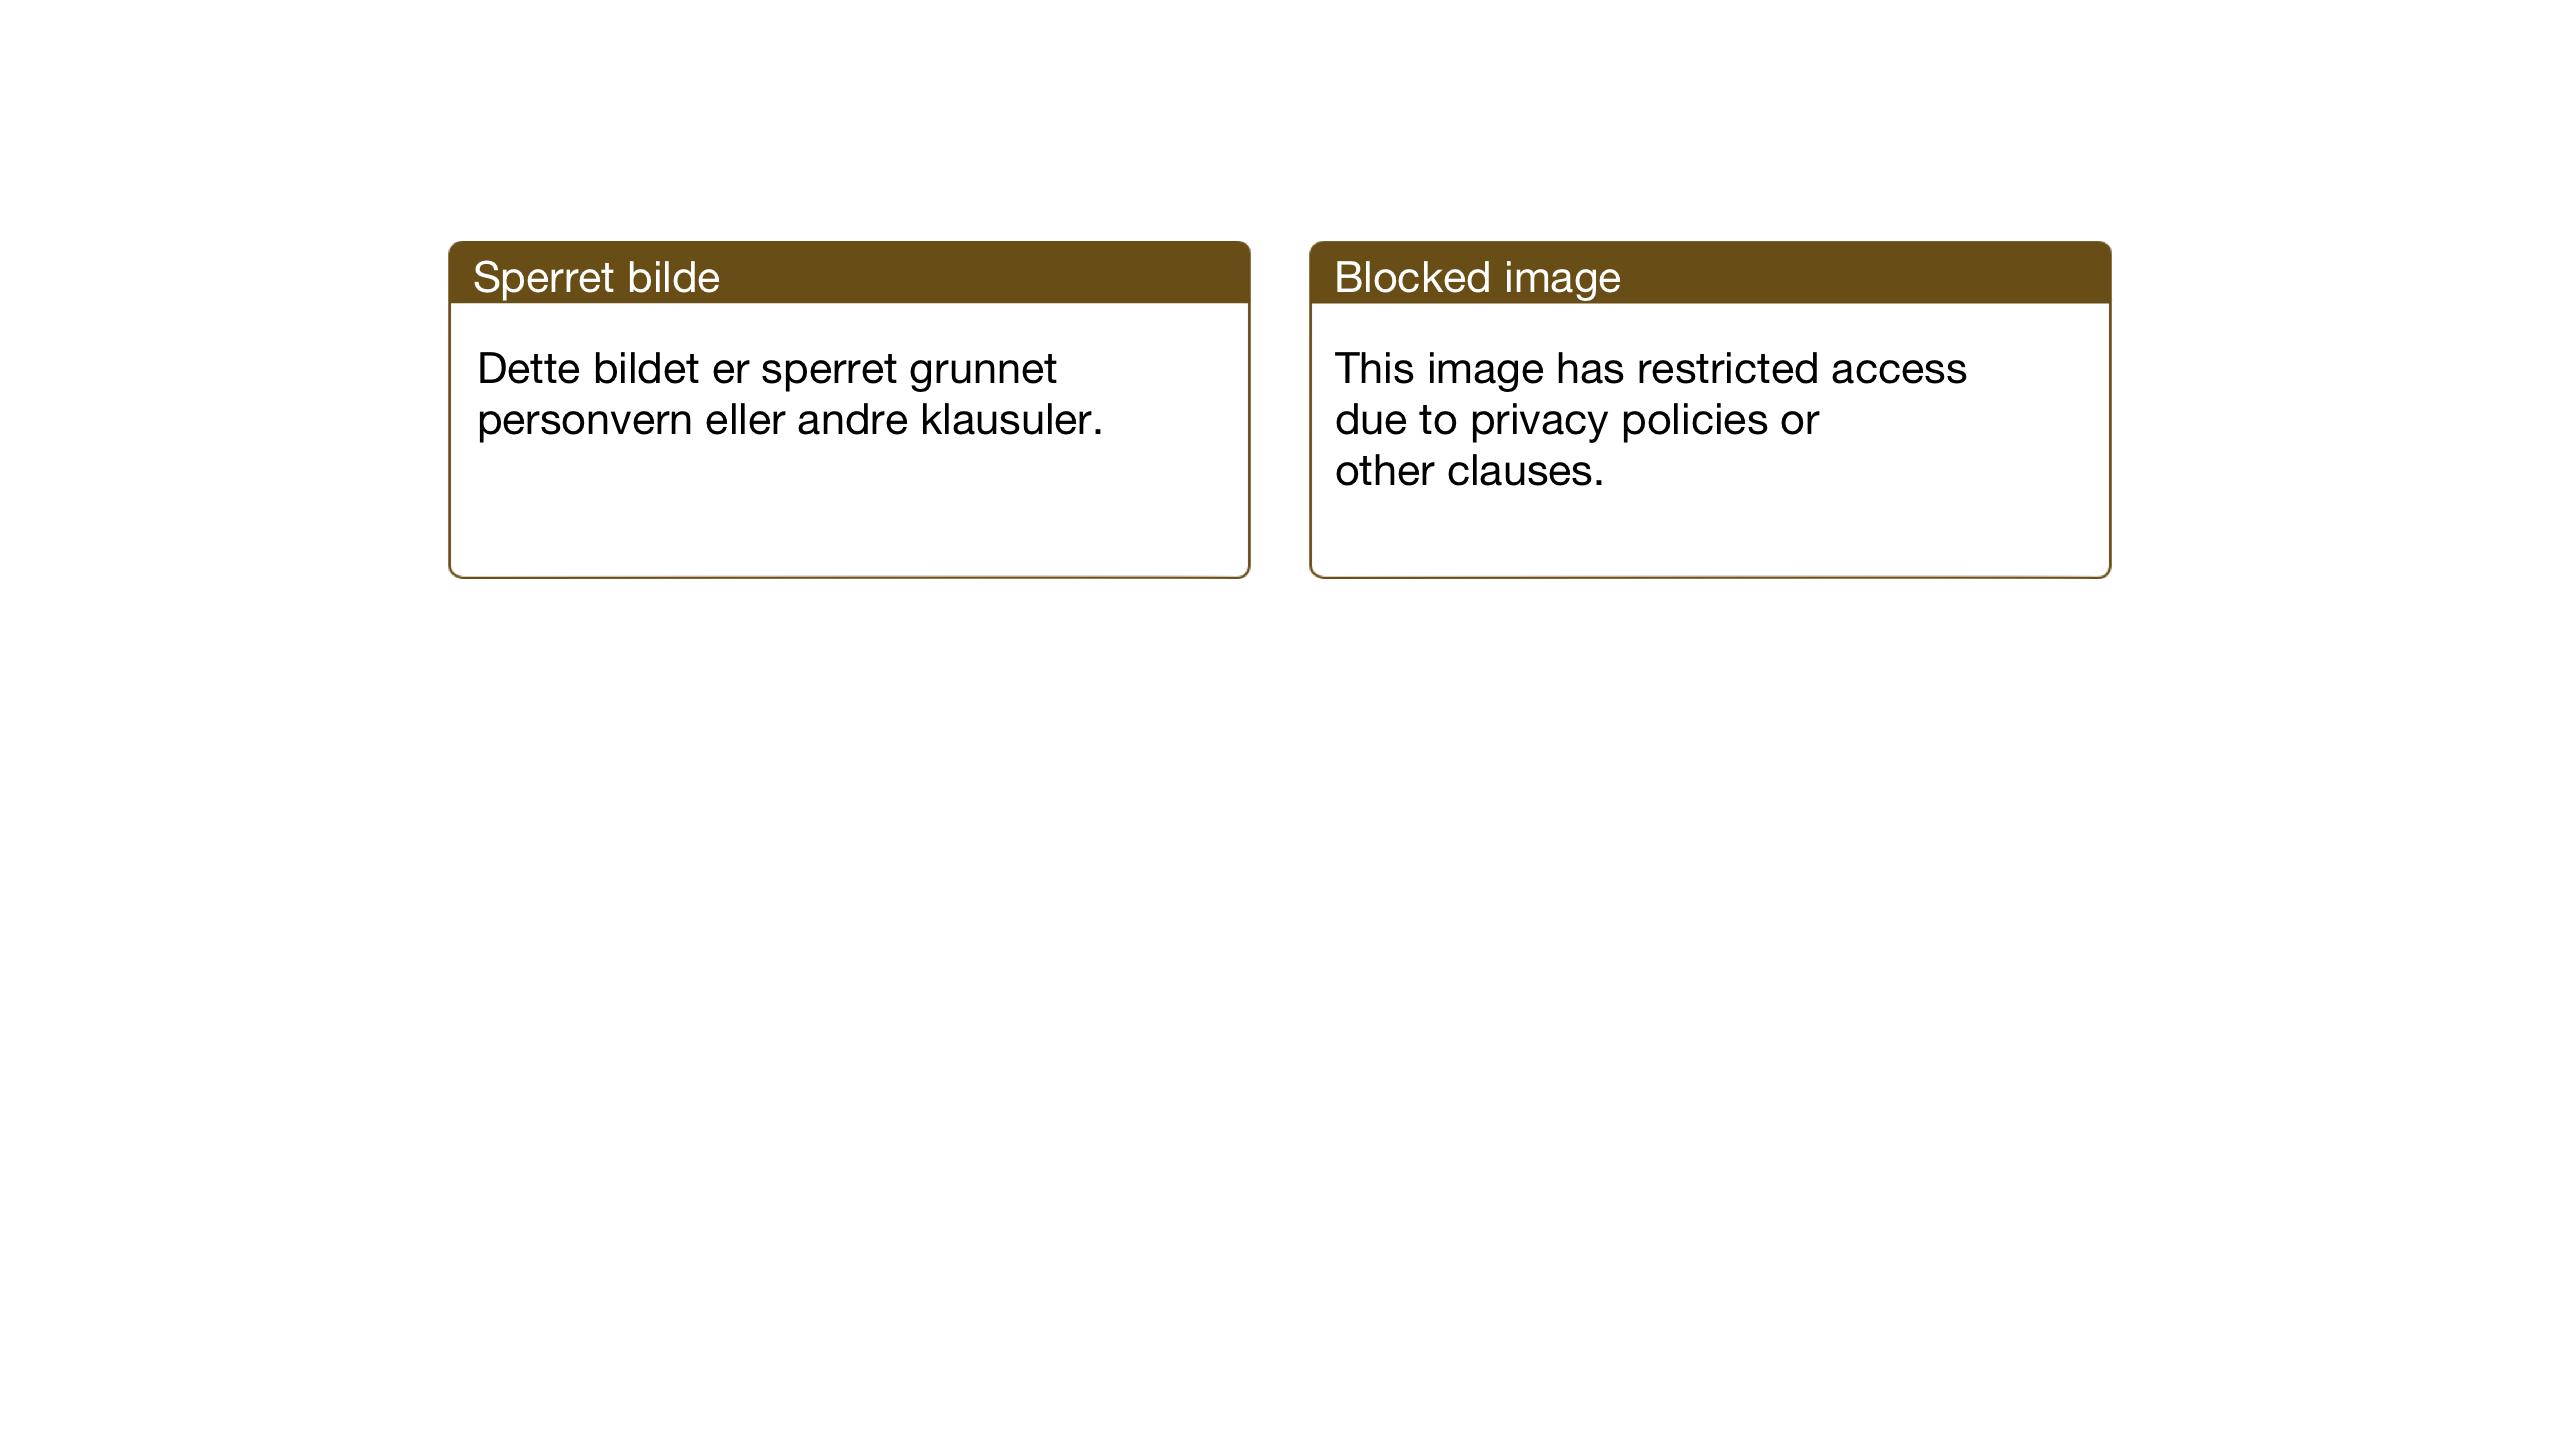 SAT, Ministerialprotokoller, klokkerbøker og fødselsregistre - Nord-Trøndelag, 731/L0312: Klokkerbok nr. 731C03, 1911-1935, s. 44